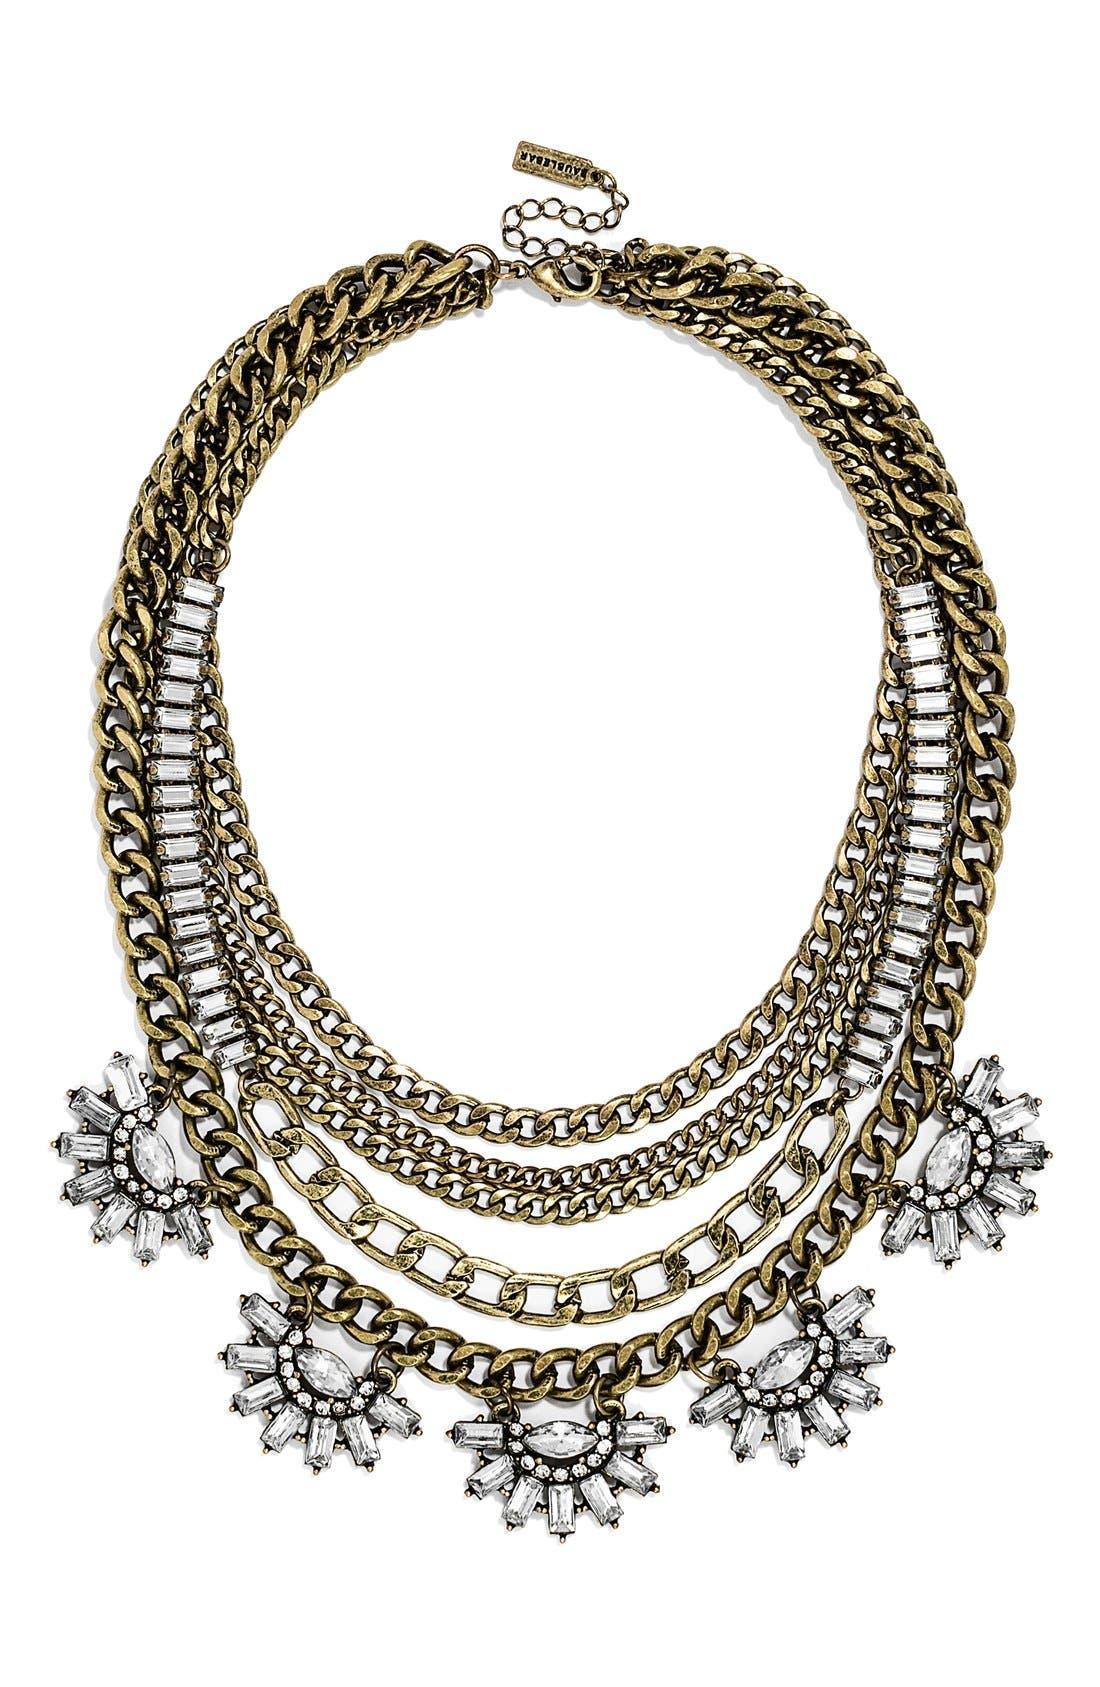 Main Image - BaubleBar 'Sundial' Chain Bib Necklace